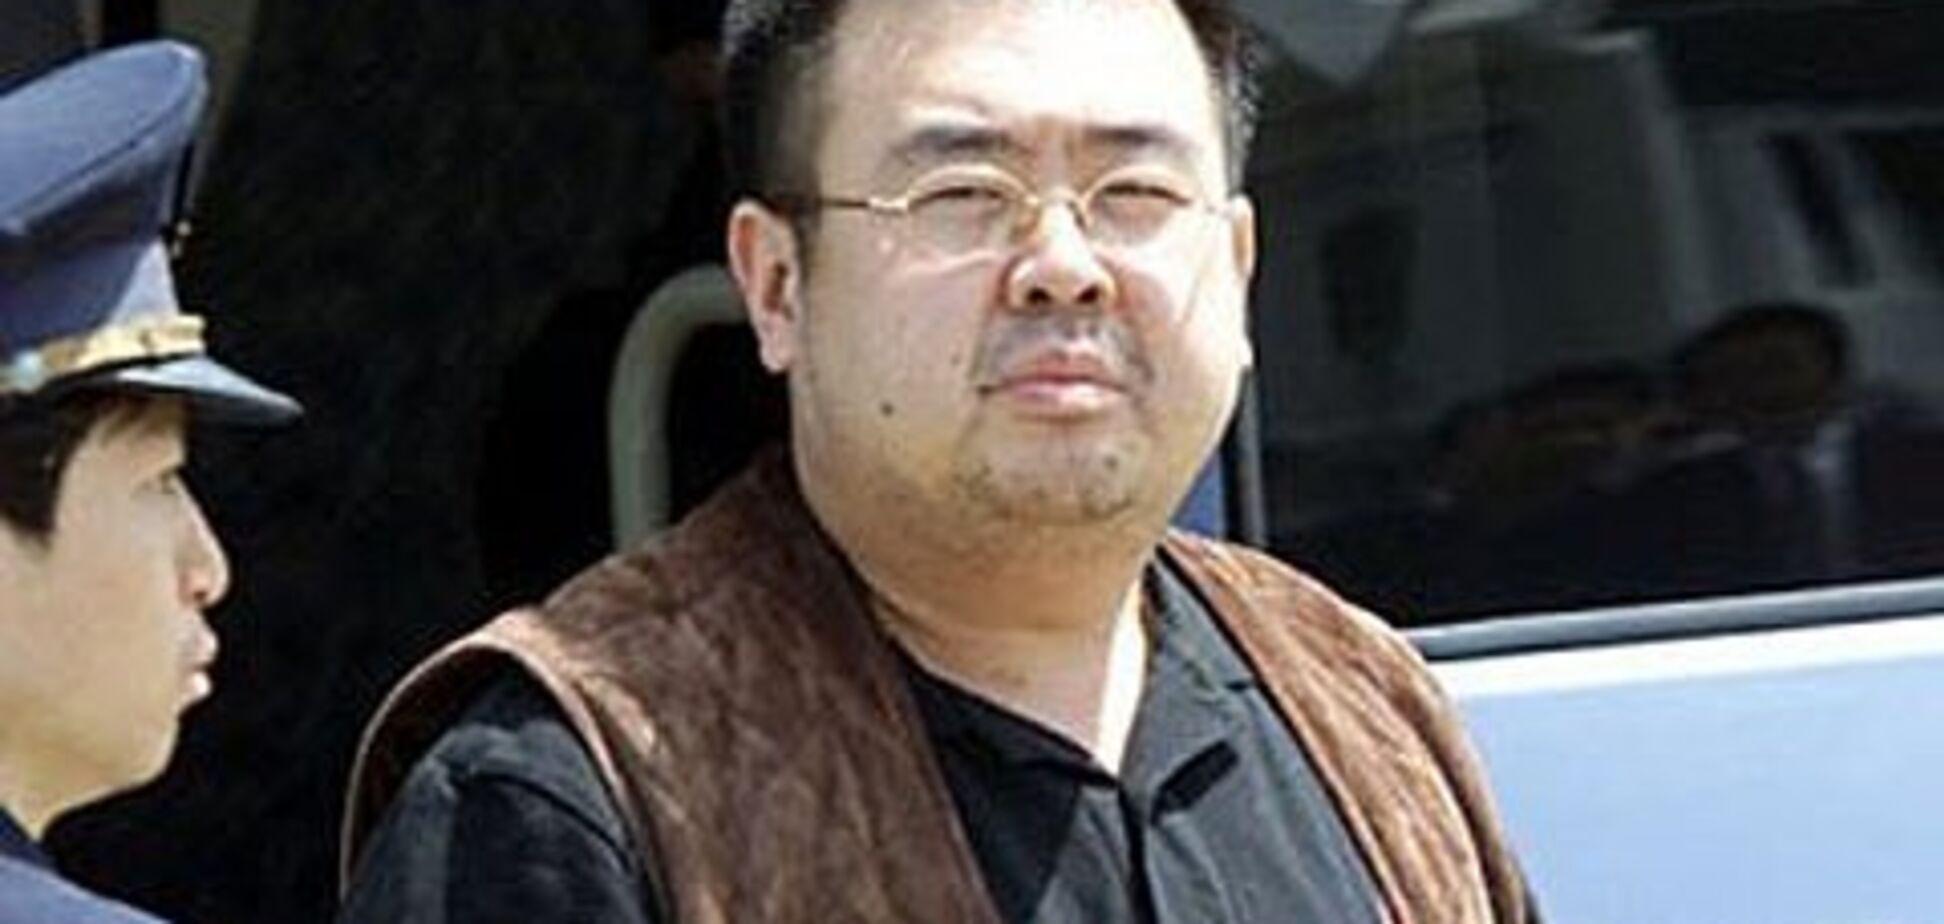 Кремль причастен к убийству брата Ким Чен Ына: росСМИ подставили сами себя